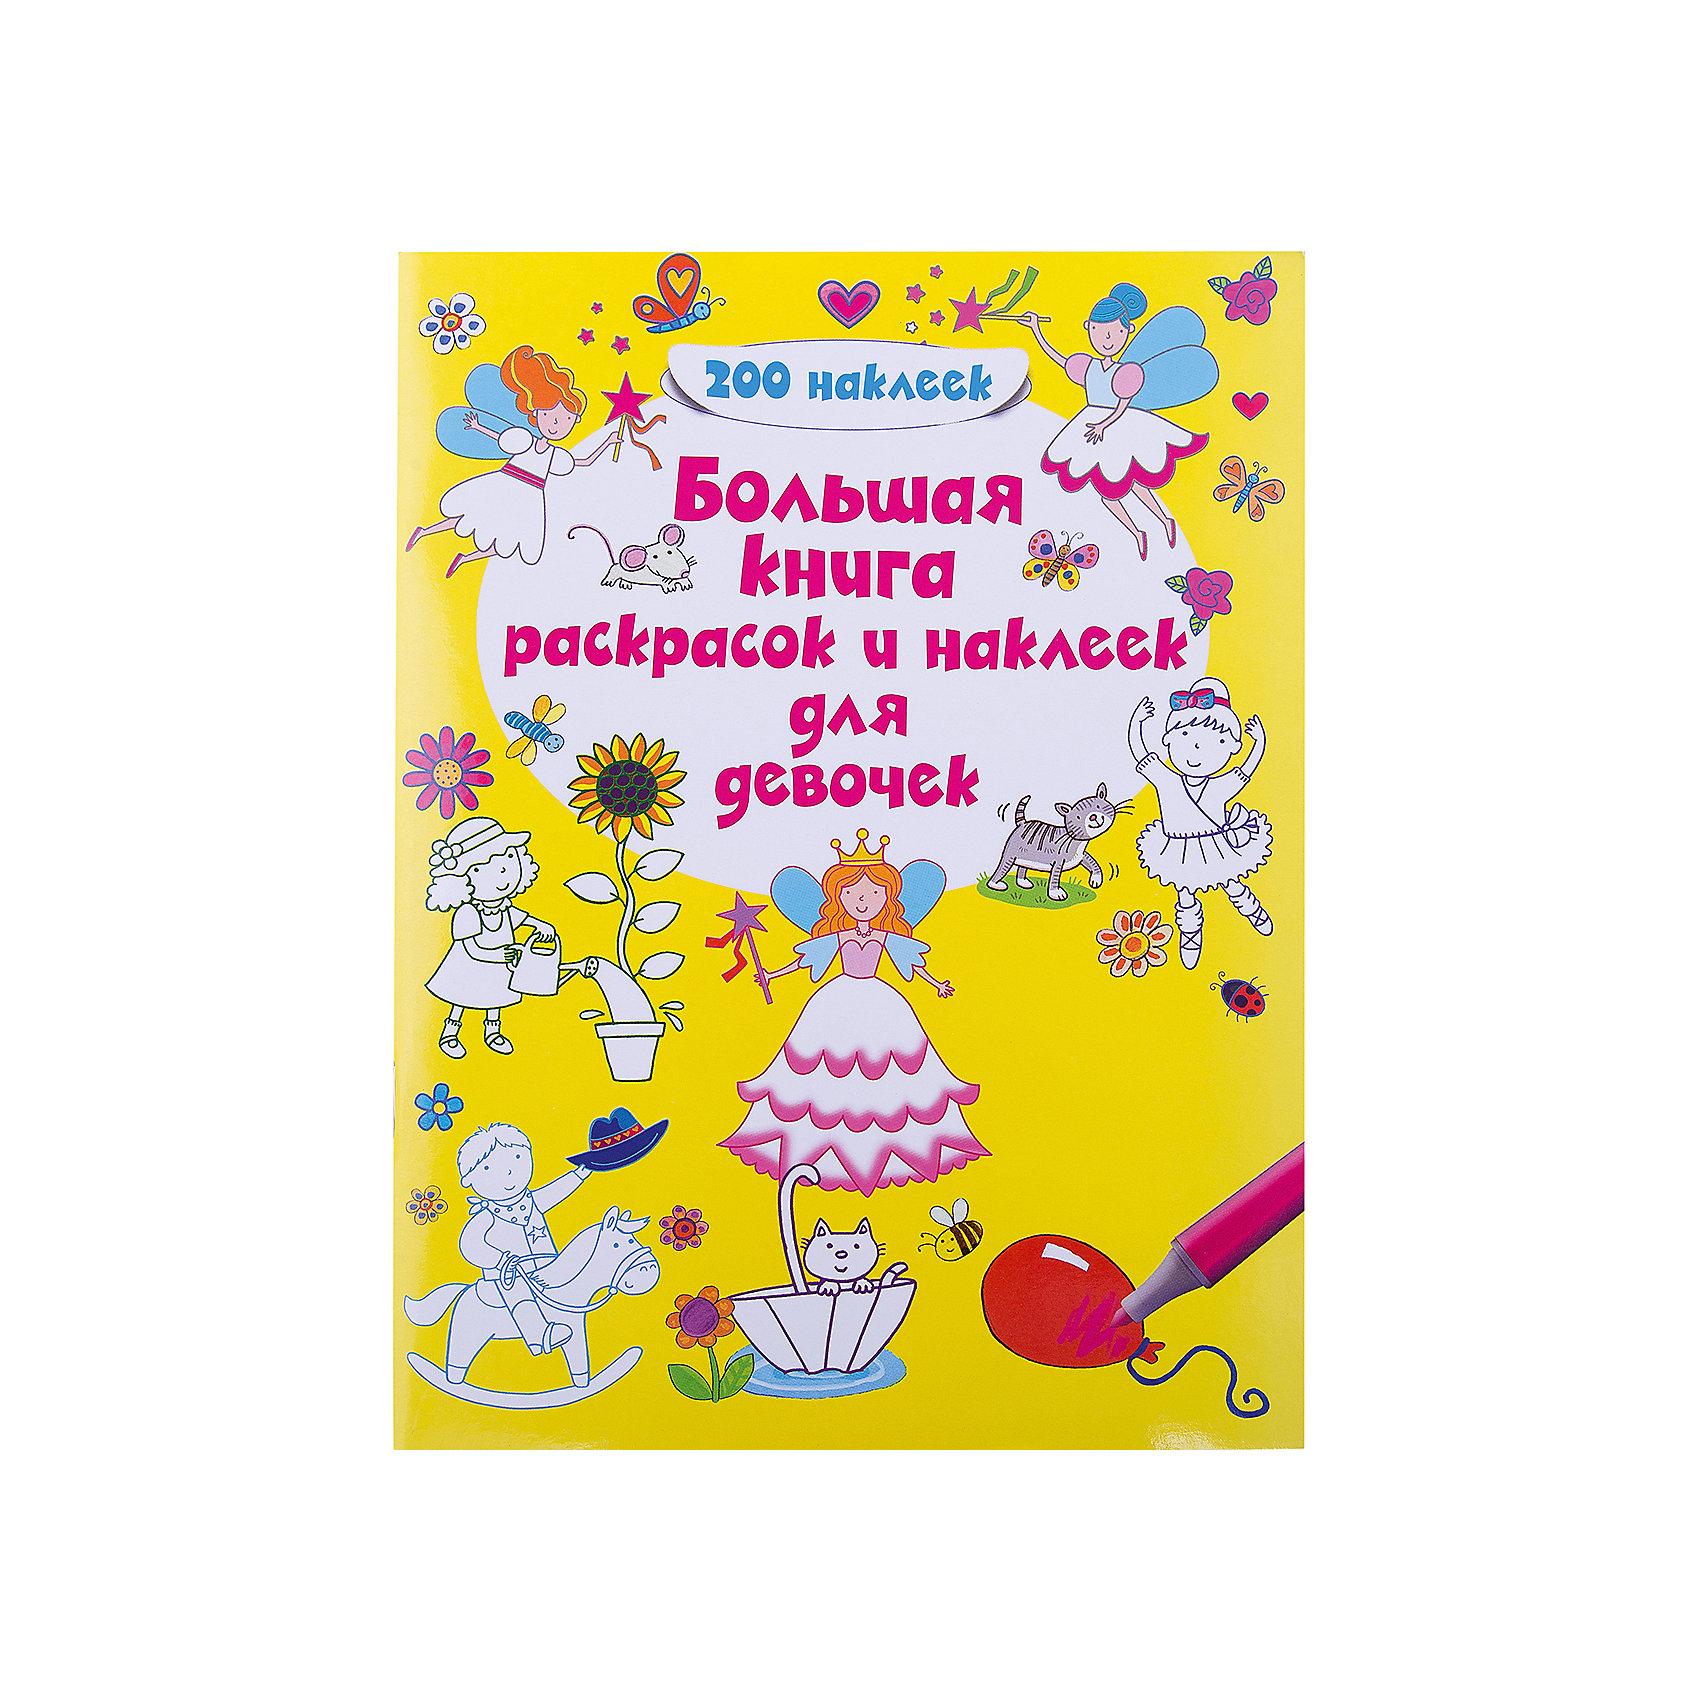 Большая книга раскрасок и наклеек для девочекТворчество для малышей<br>Веселые раскраски и 200 нарядов-наклеек - любая девочка придет в восторг от такого подарка. <br><br>Дополнительная информация:<br><br>- Формат: 29х21 см.<br>- Переплет: мягкий.<br>- Иллюстрации: цветные, черно-белые. <br>- Количество страниц: 48 стр.<br>- Переводчик: Волченко Ю. С.<br>- Редактор: Саломатина Е. И.<br>- Комплектация: книга, наклейки (8 листов).<br><br>Большую книгу раскрасок и наклеек для девочек можно купить в нашем магазине.<br><br>Ширина мм: 290<br>Глубина мм: 217<br>Высота мм: 10<br>Вес г: 240<br>Возраст от месяцев: 48<br>Возраст до месяцев: 72<br>Пол: Женский<br>Возраст: Детский<br>SKU: 4047785